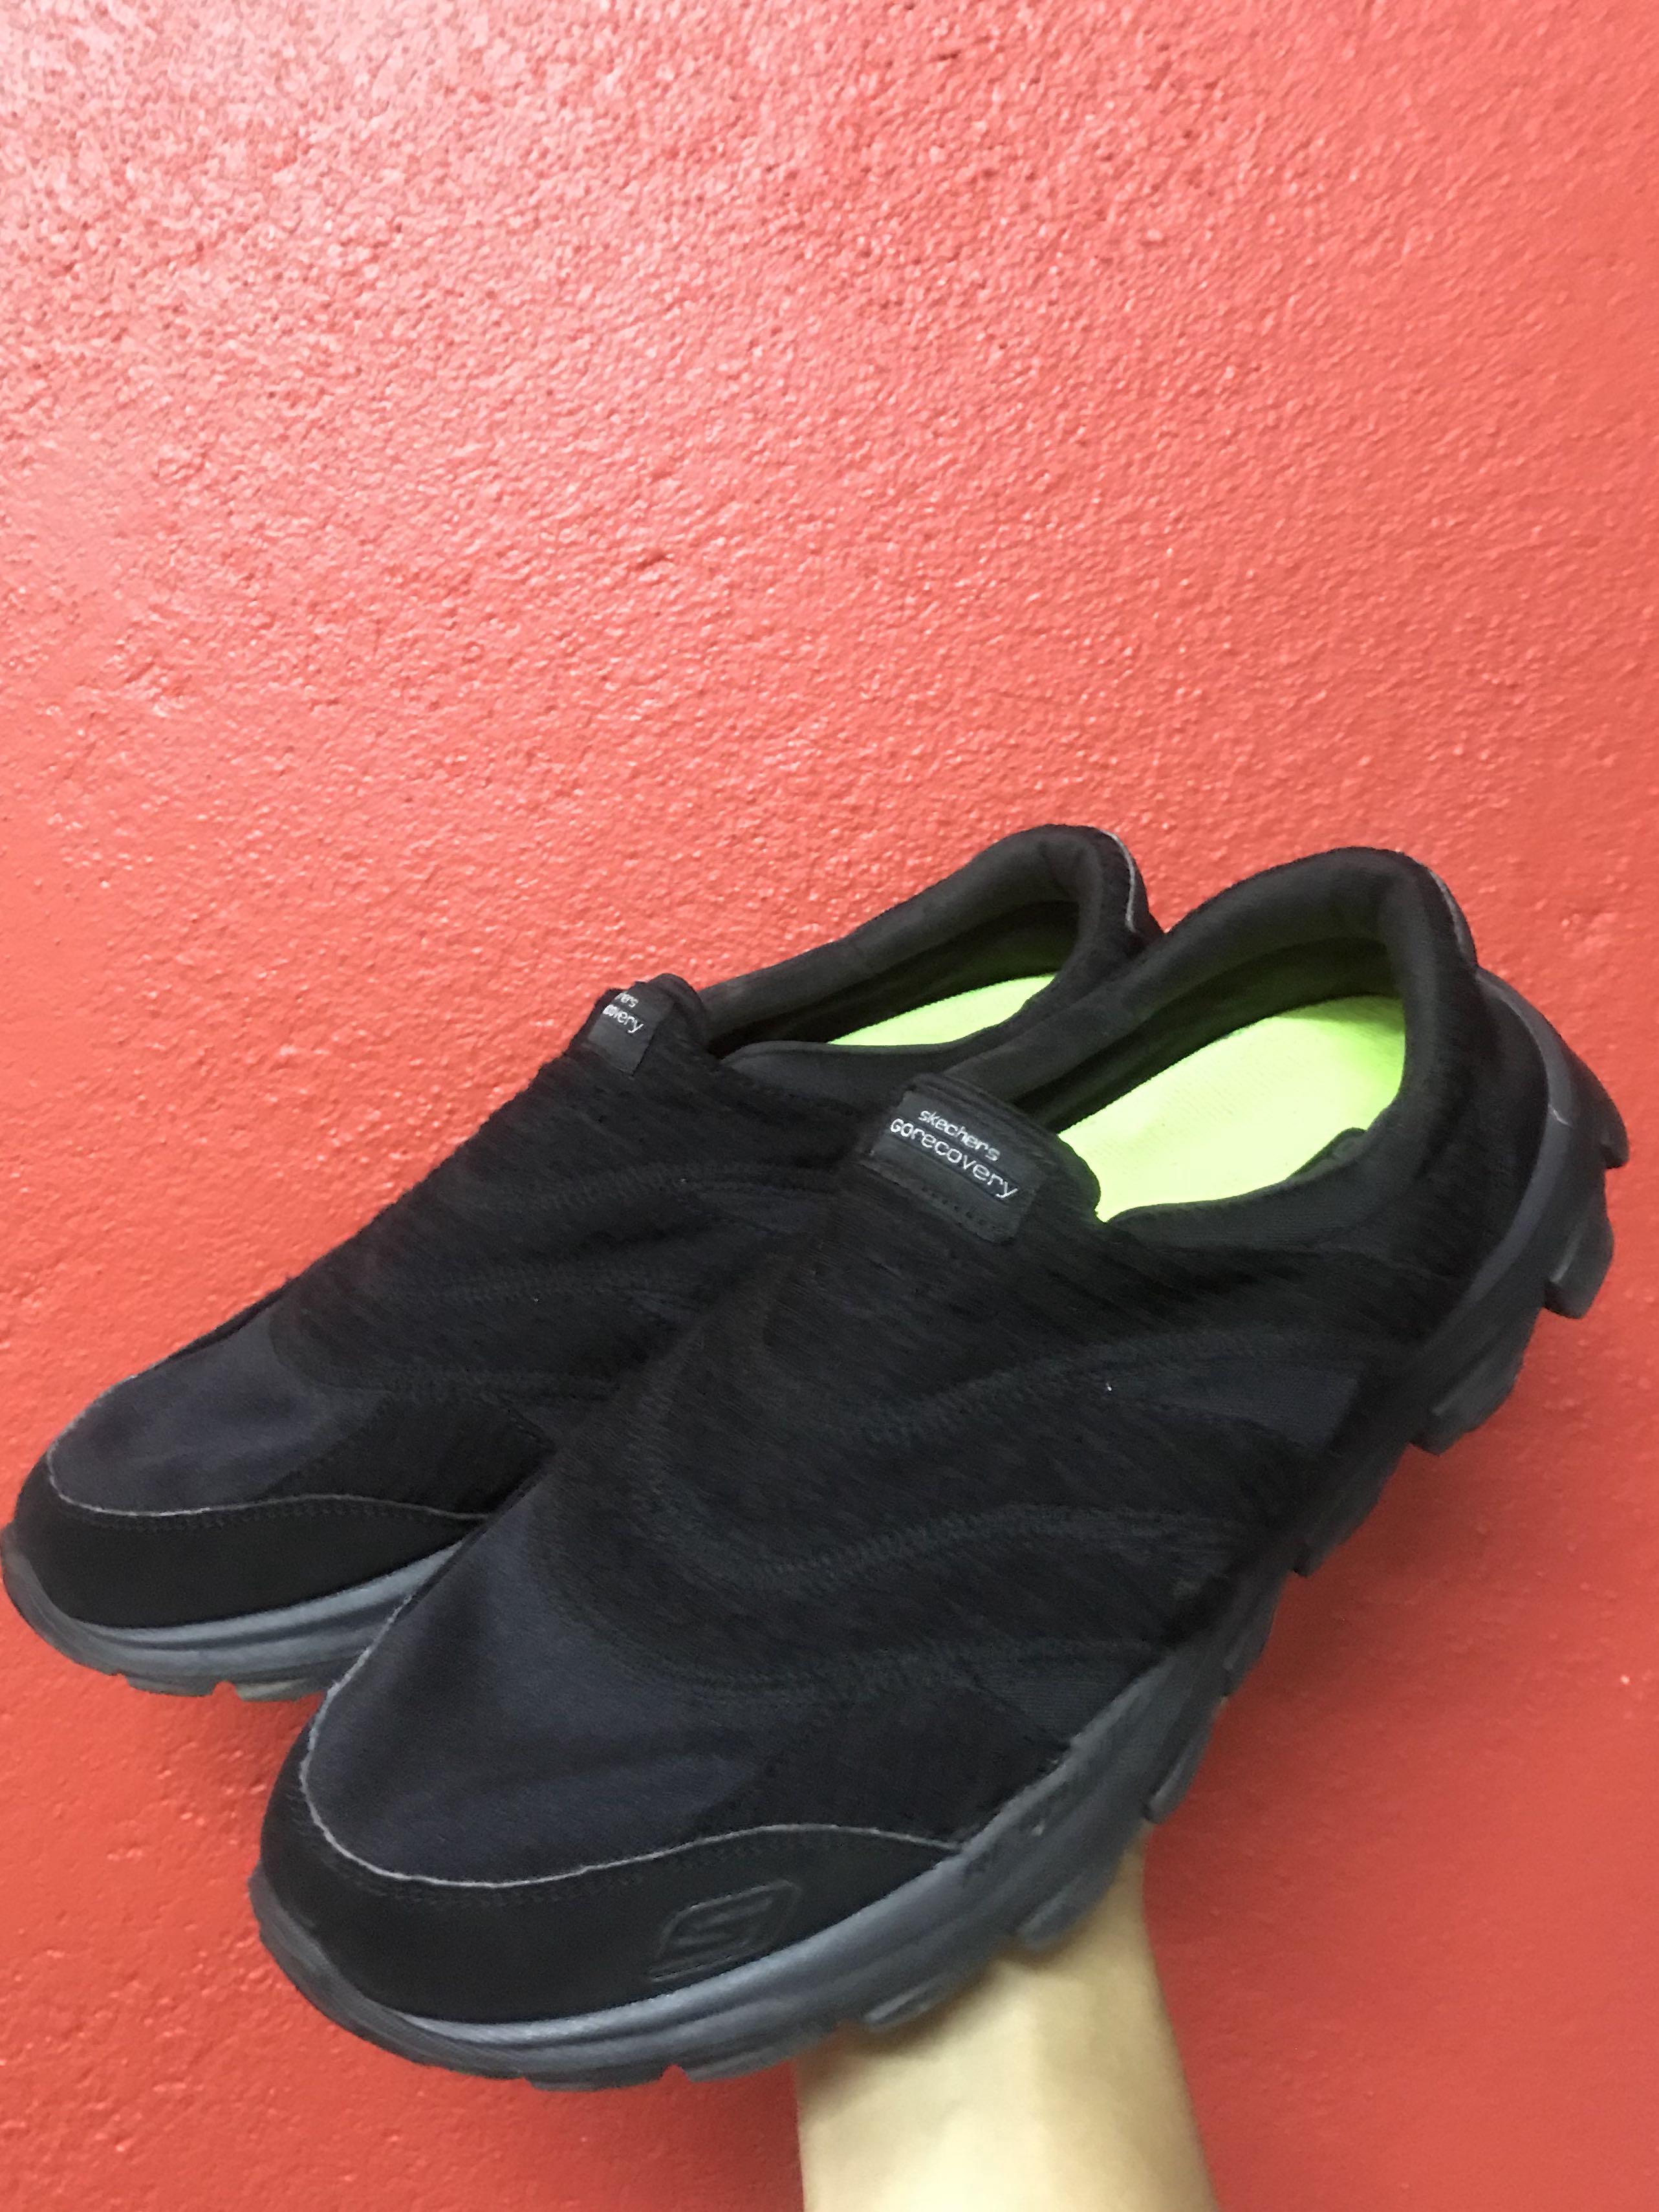 Skechers Go Recovery 7.5uk, Fesyen